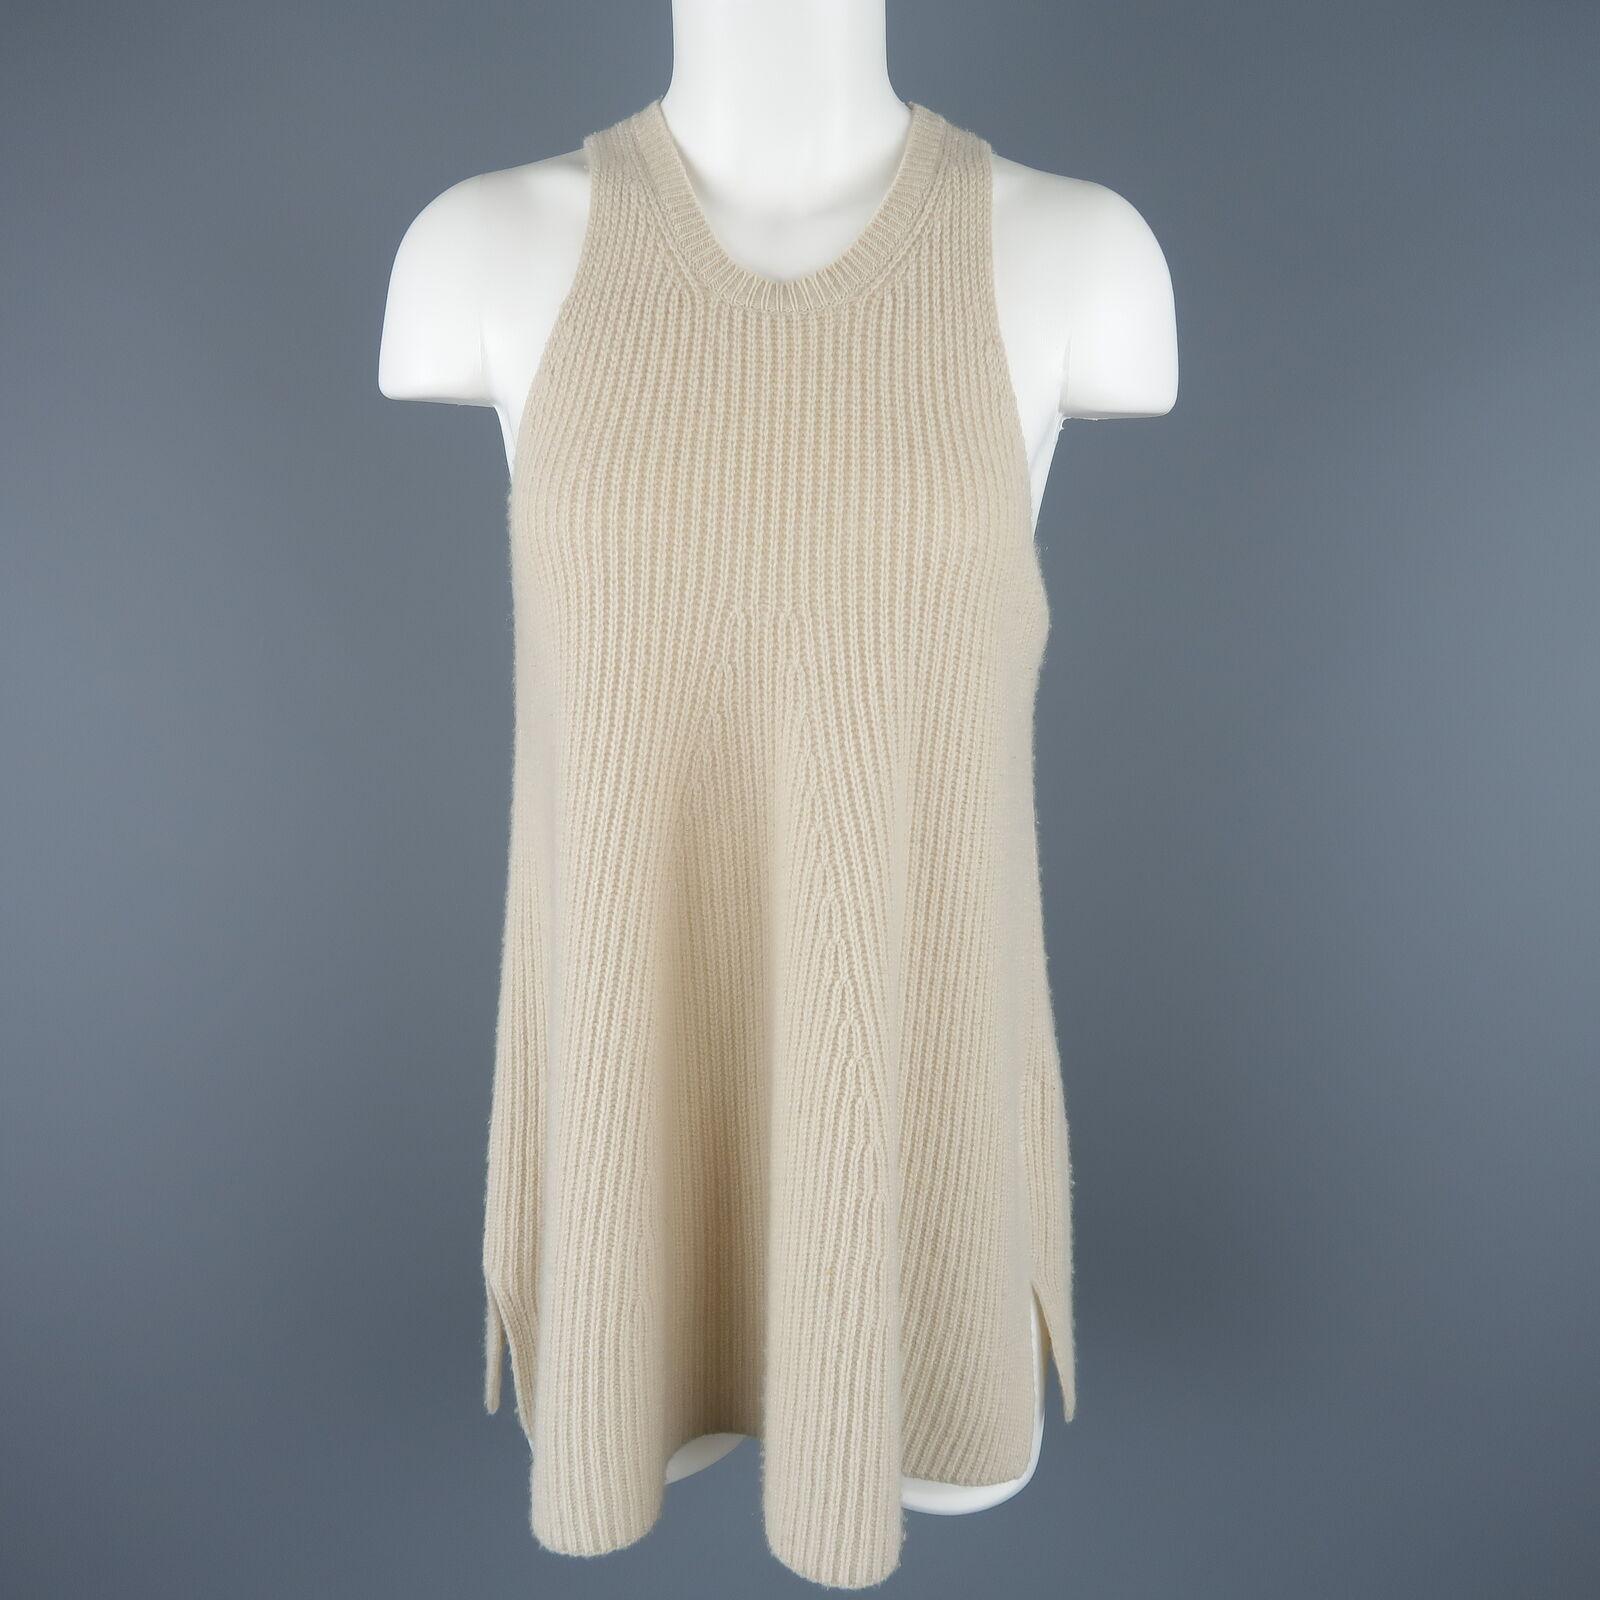 THE ROW Größe S Beige Knit Racer Cut A Line Tank Top Vest